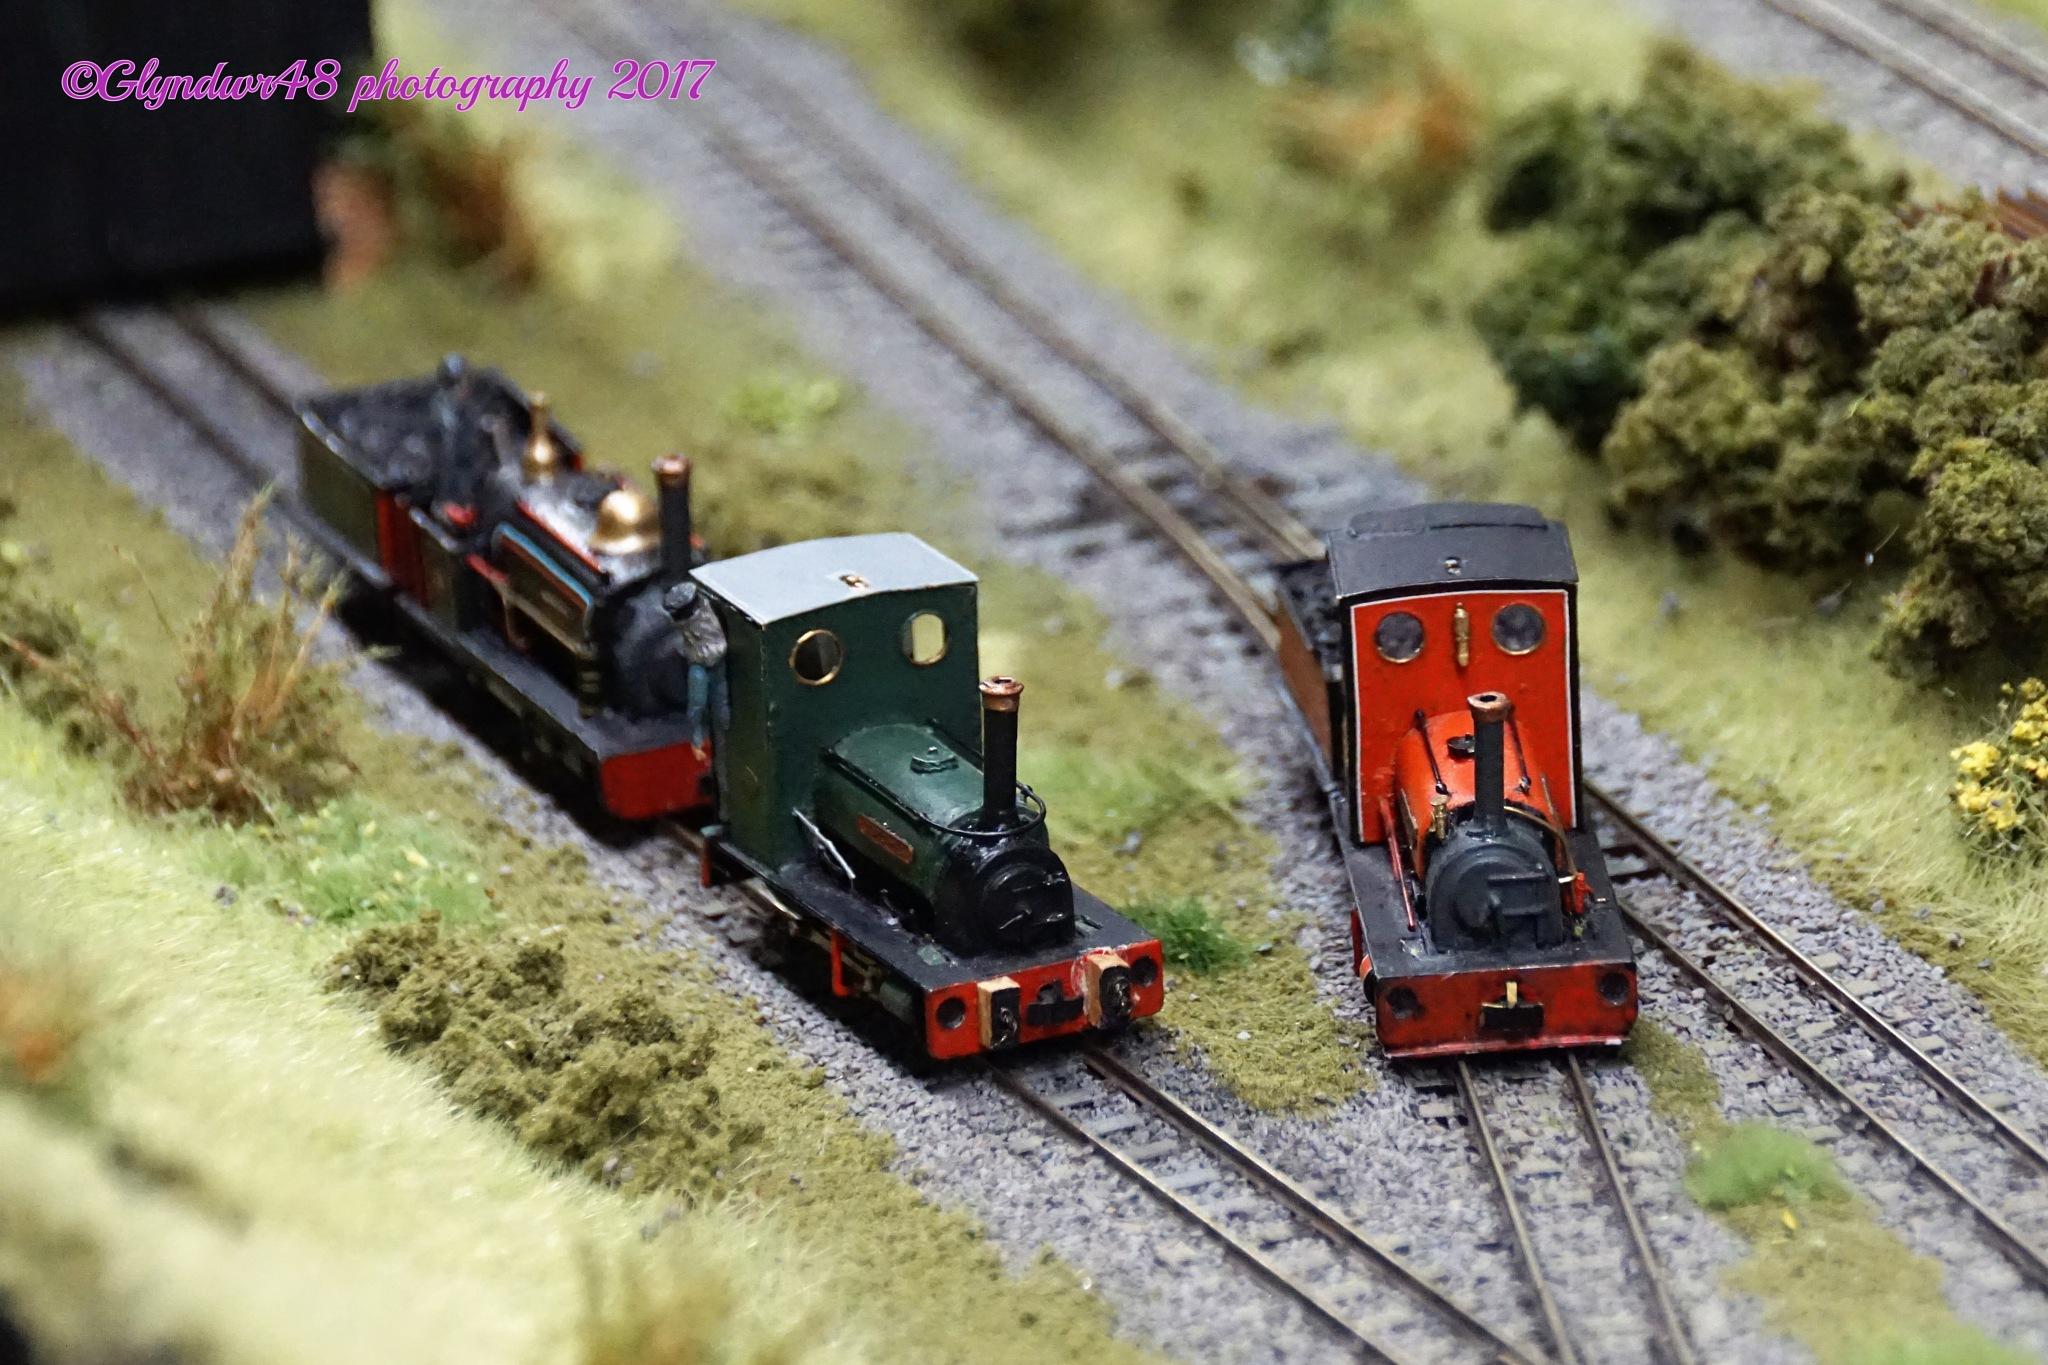 Model Engines. by glyndwr48